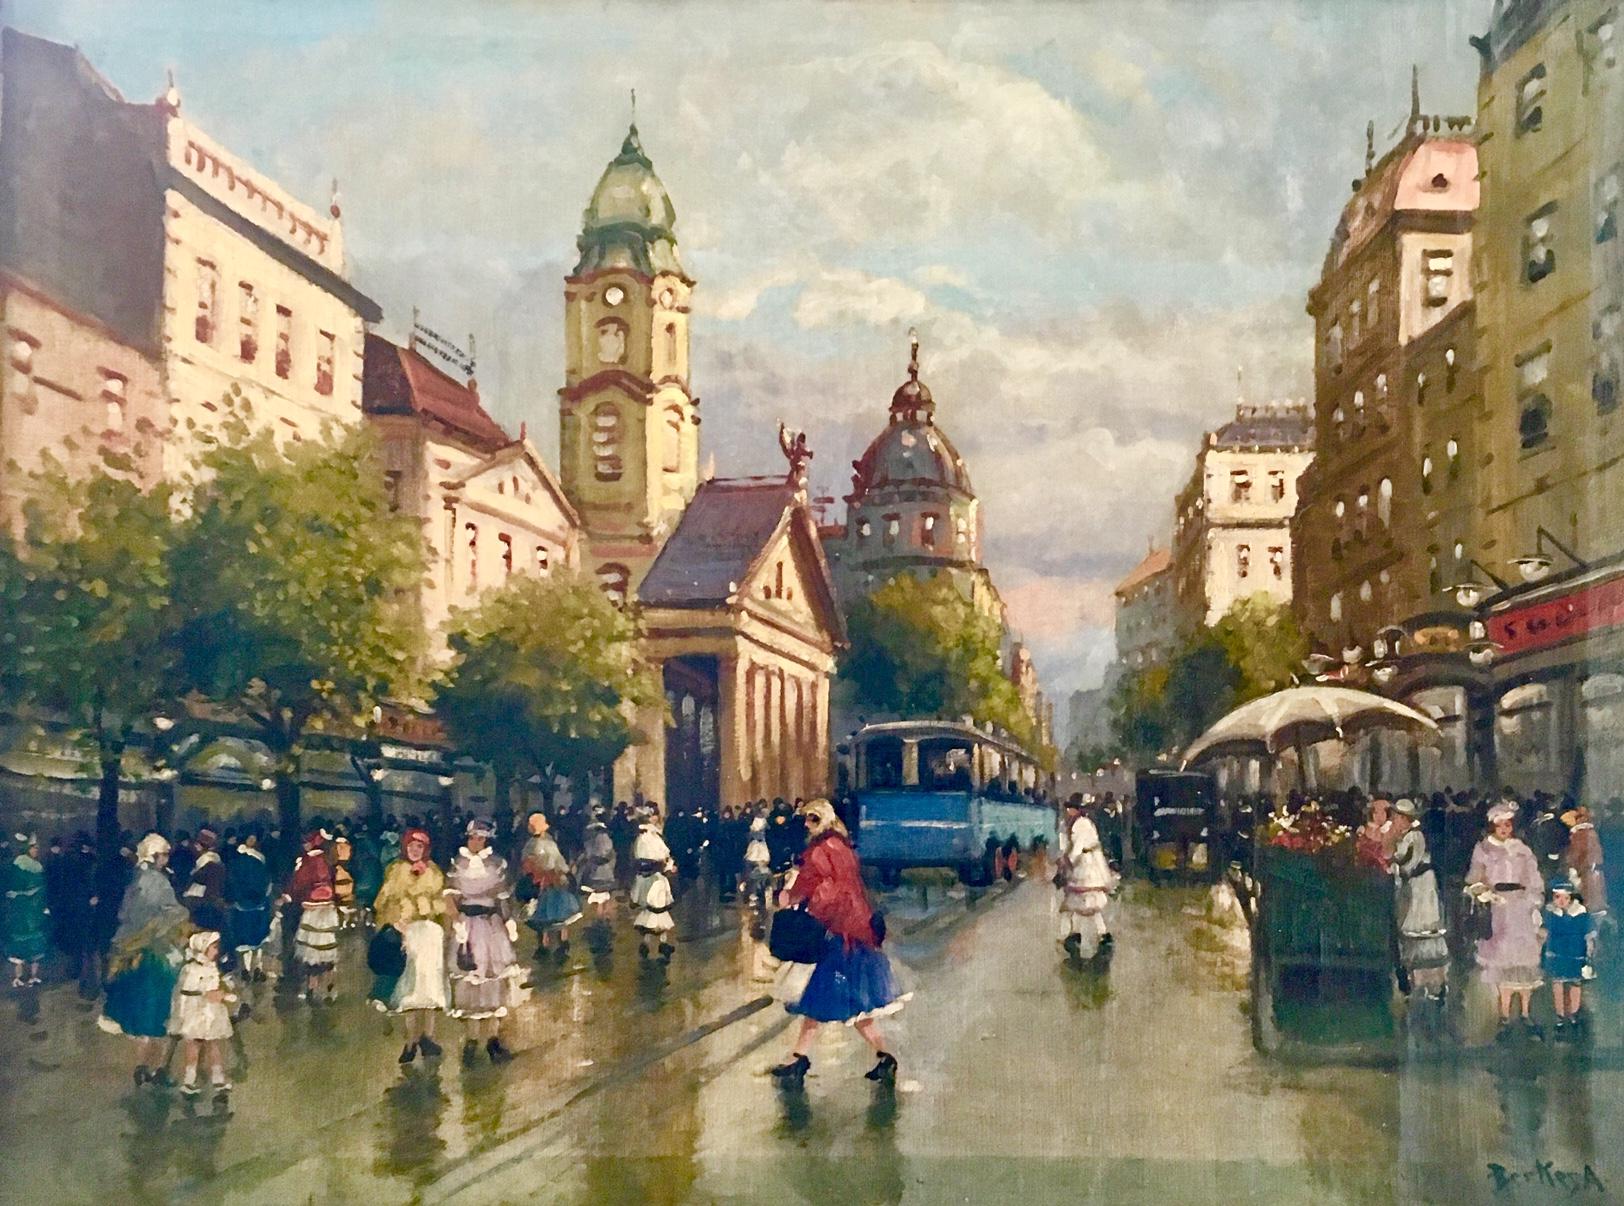 Berkes Antal: Spazieren in Budapest